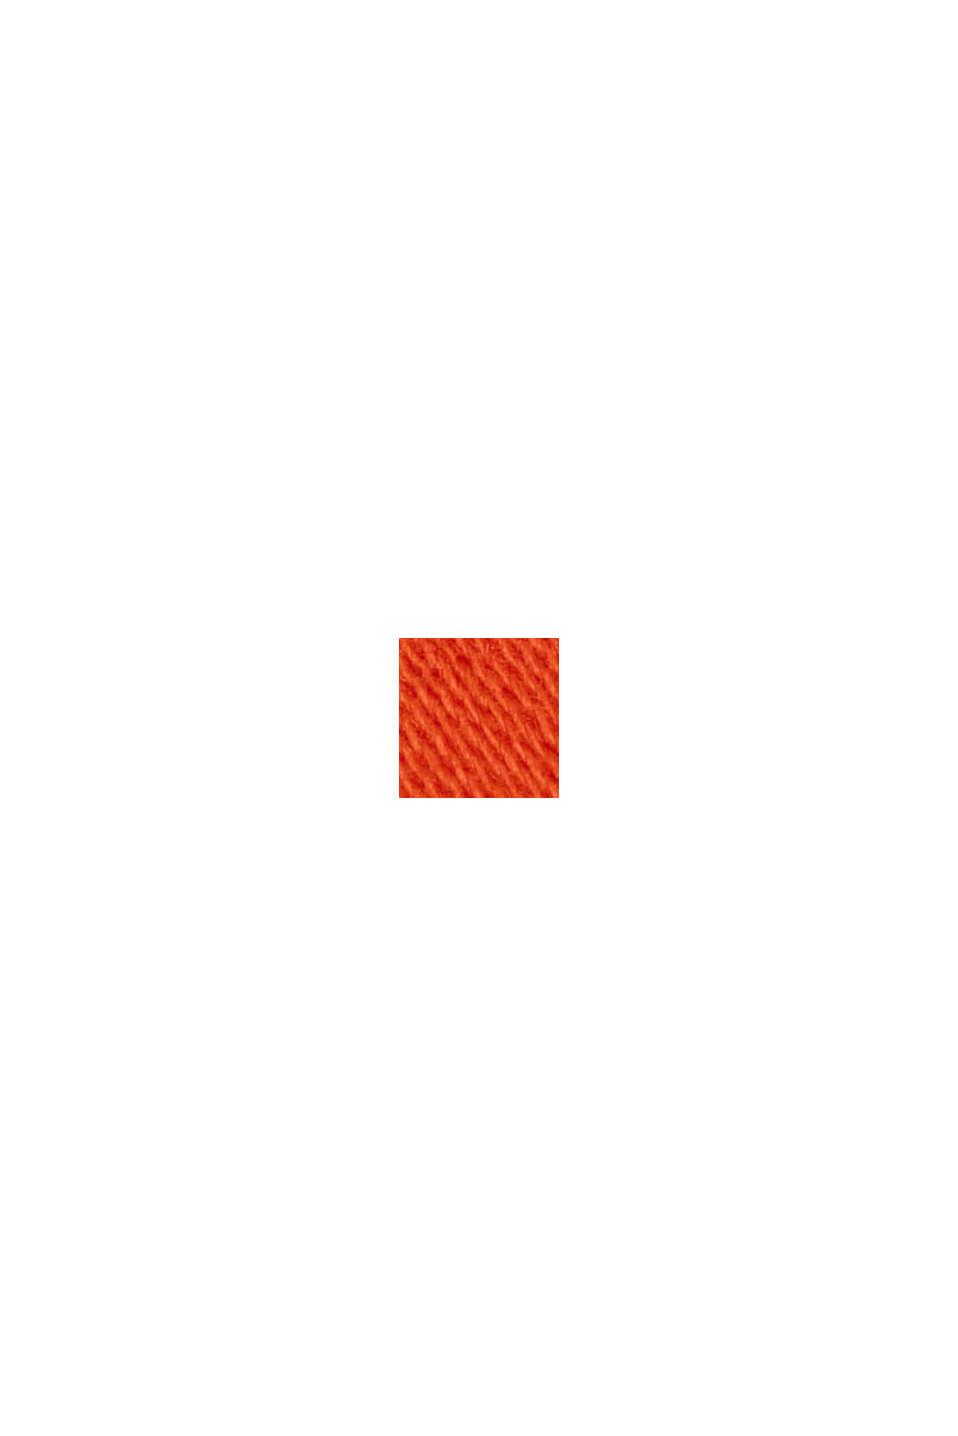 Capribroek met superveel stretch, ORANGE RED, swatch